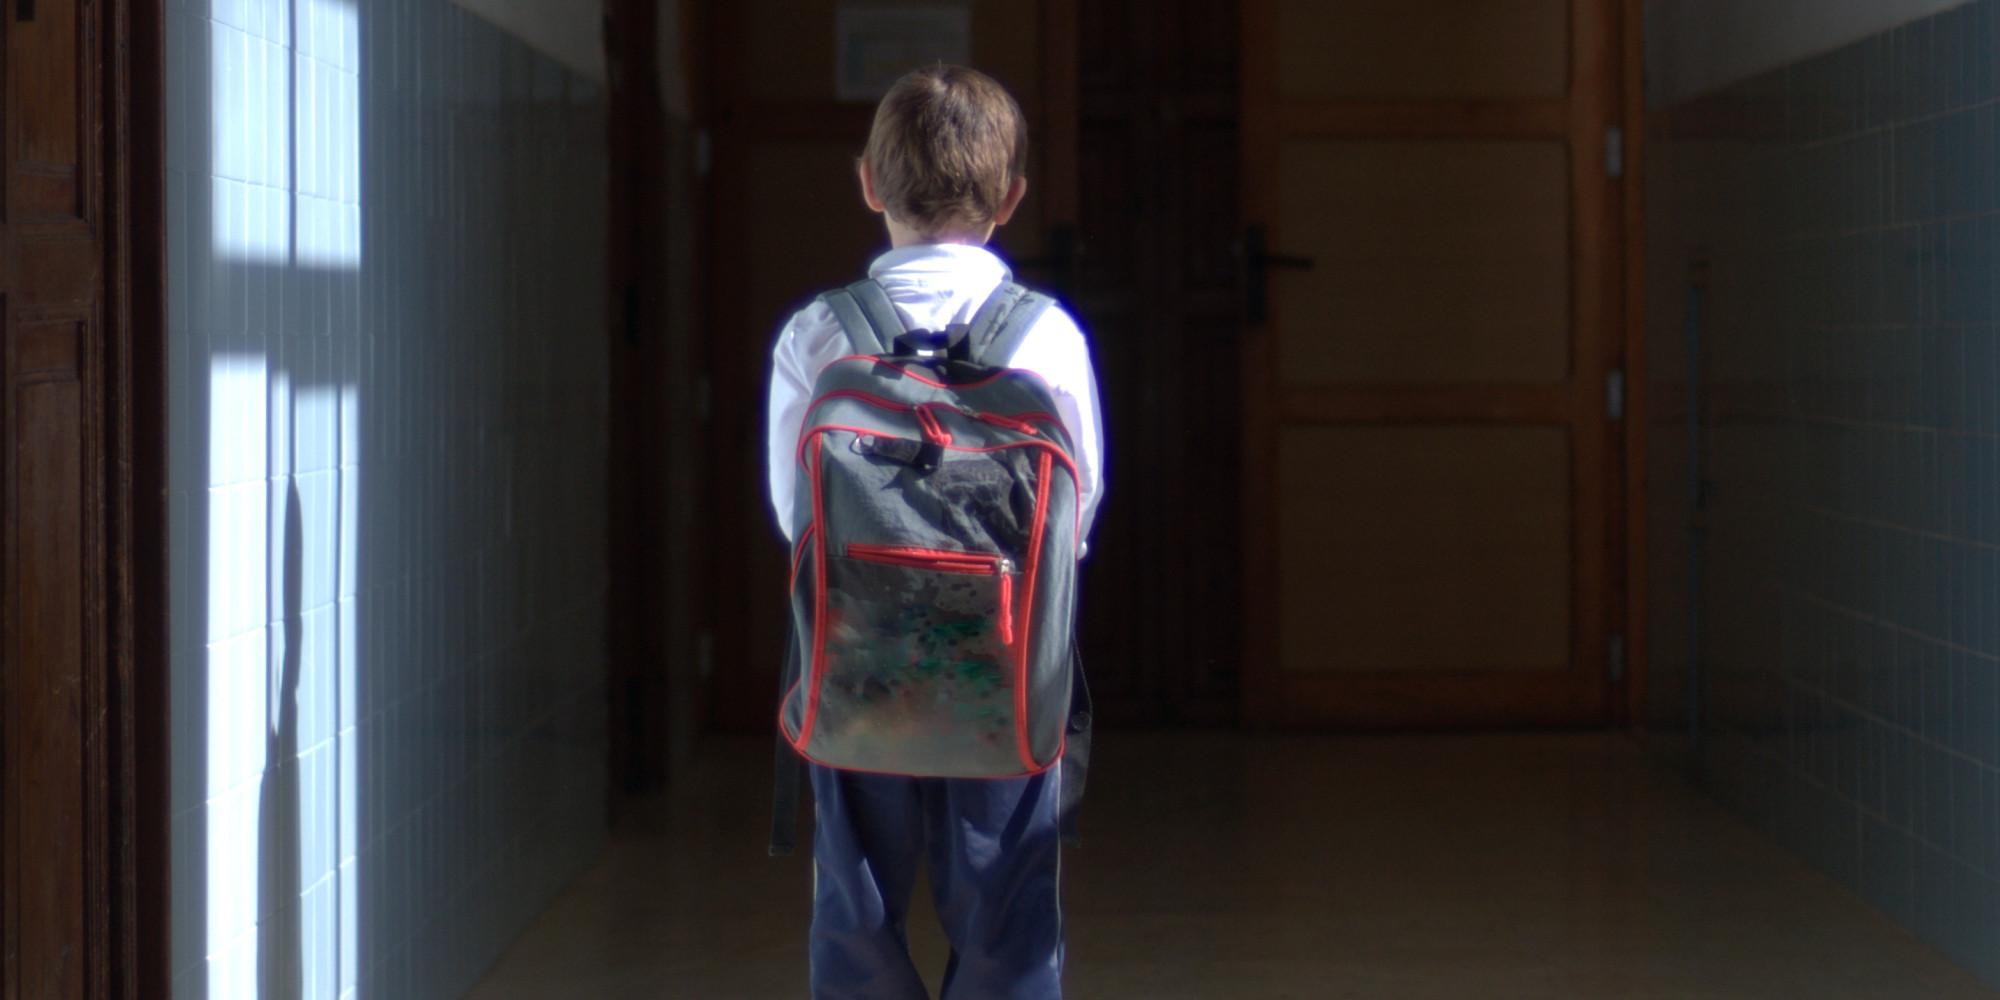 Dear Parent: About THAT Kid